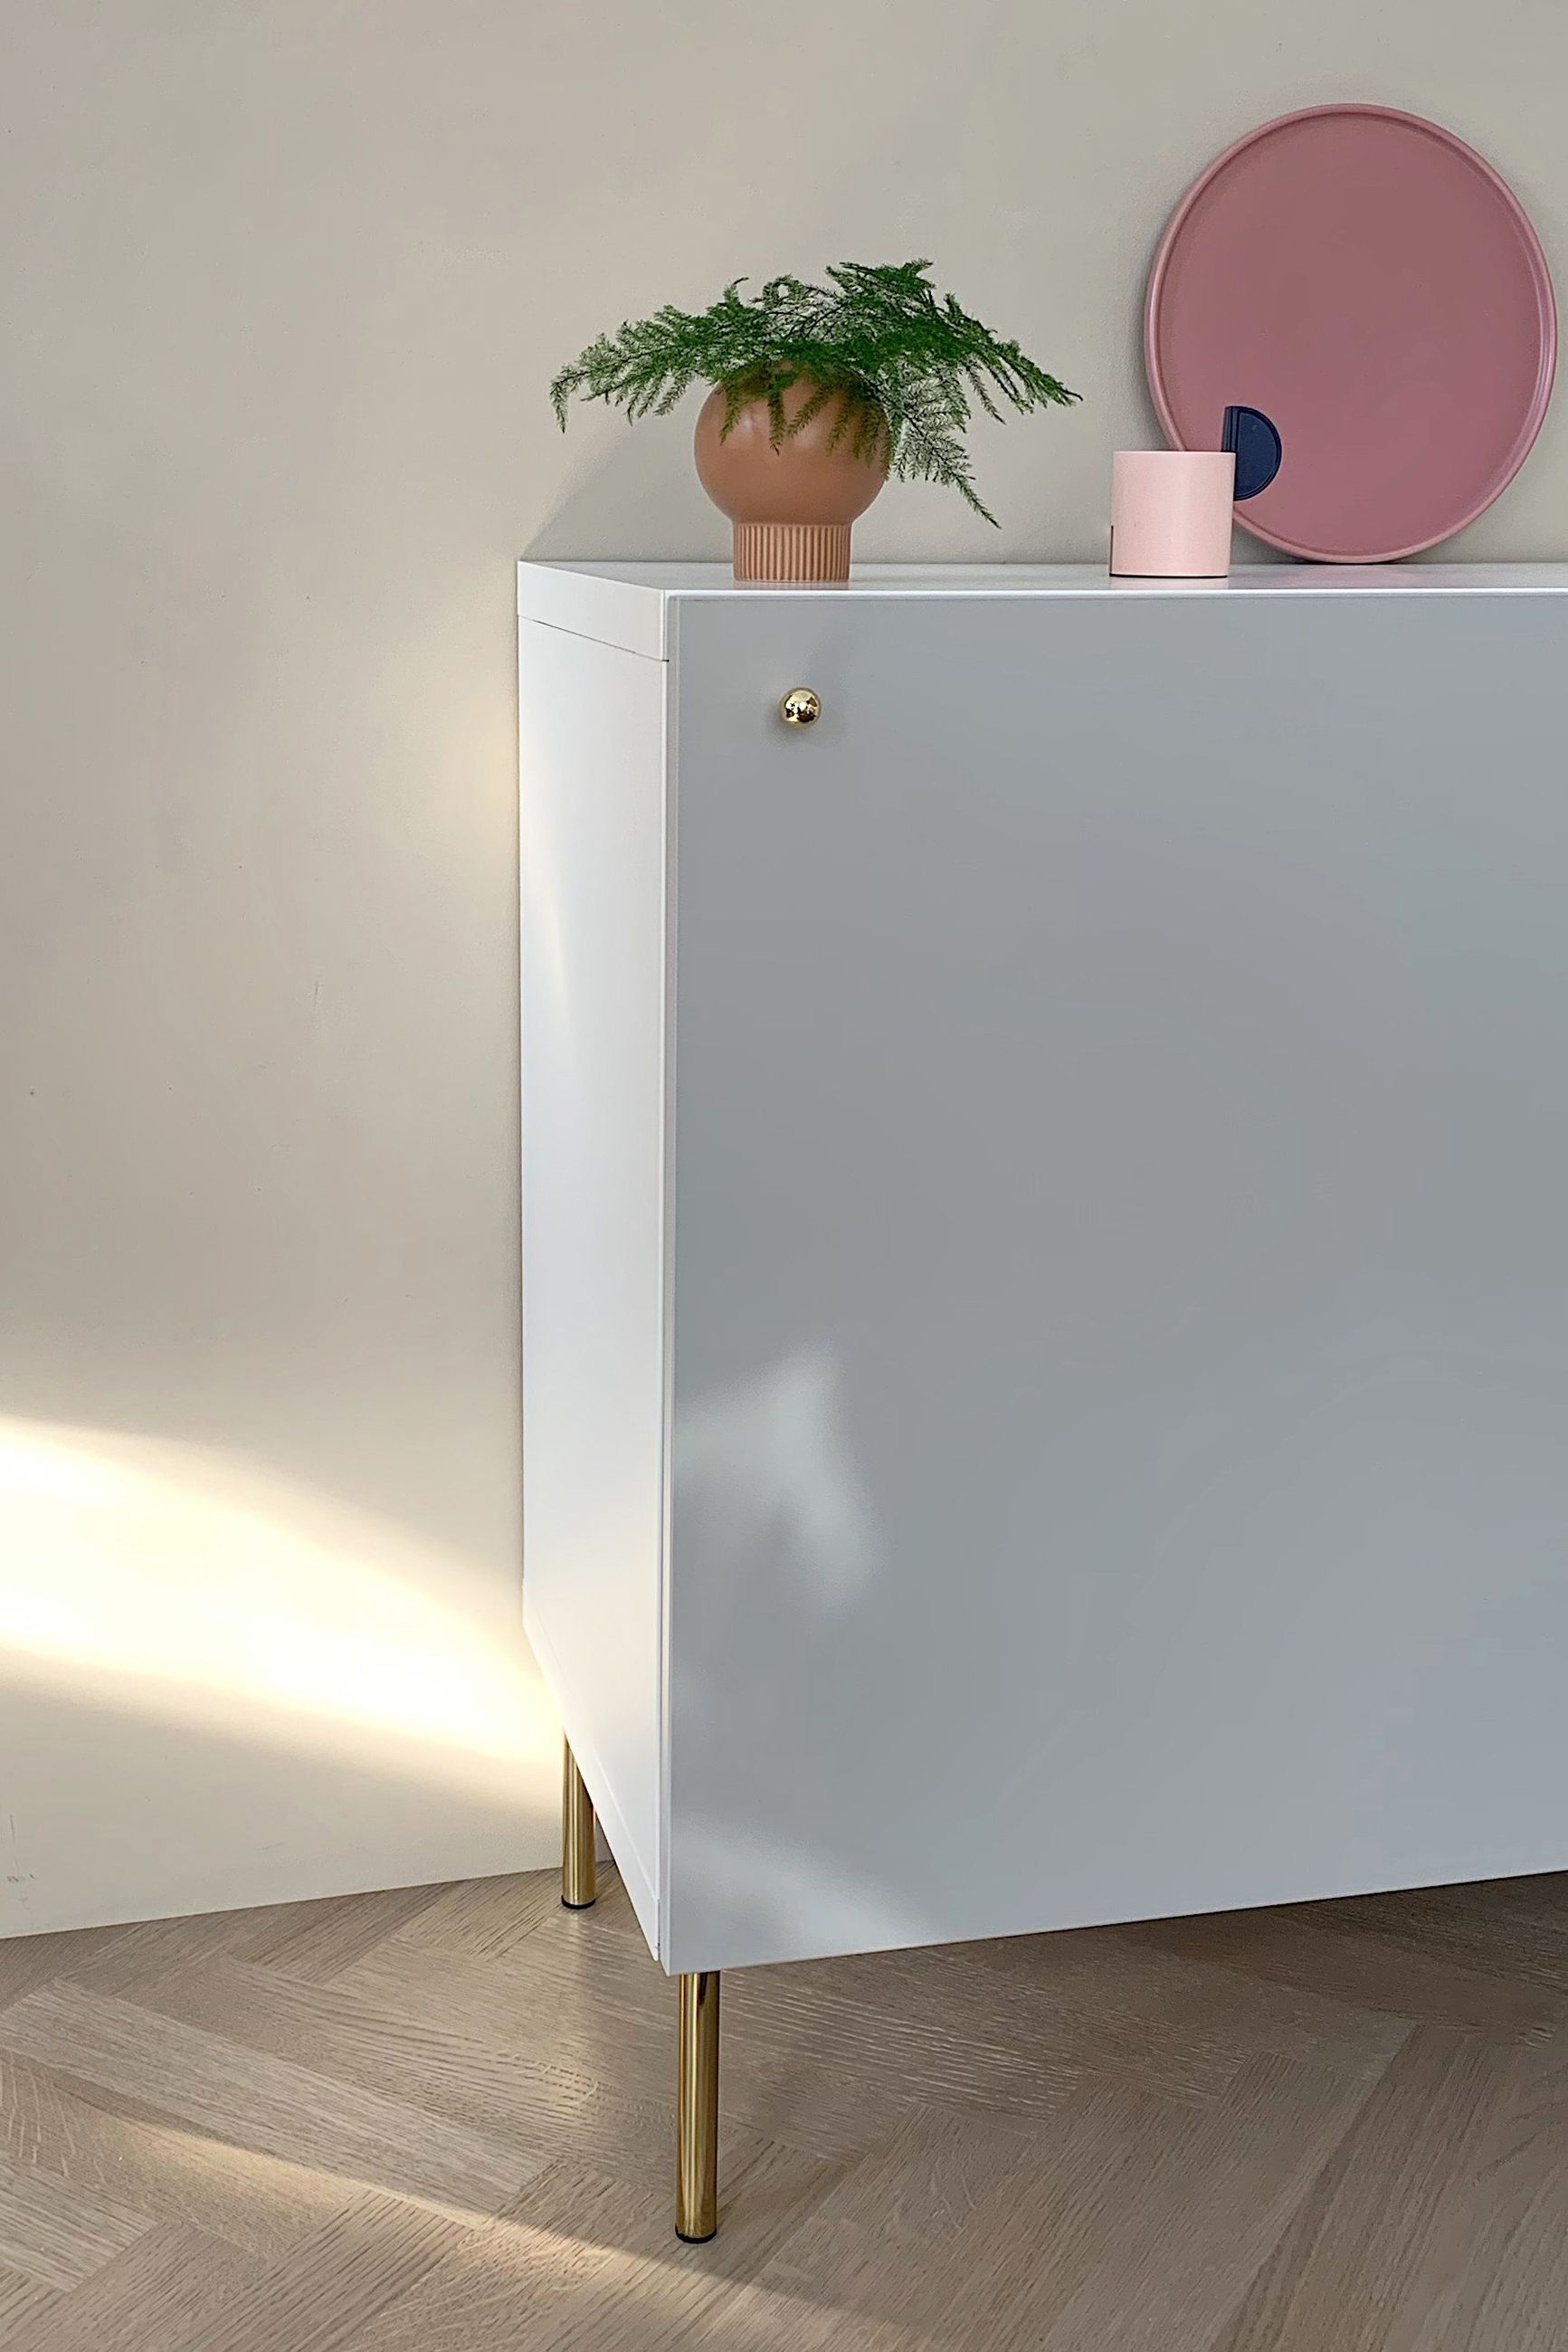 Mobel Einrichtungsideen Fur Dein Zuhause Ikea Mobelverschonerung Ikea Komode